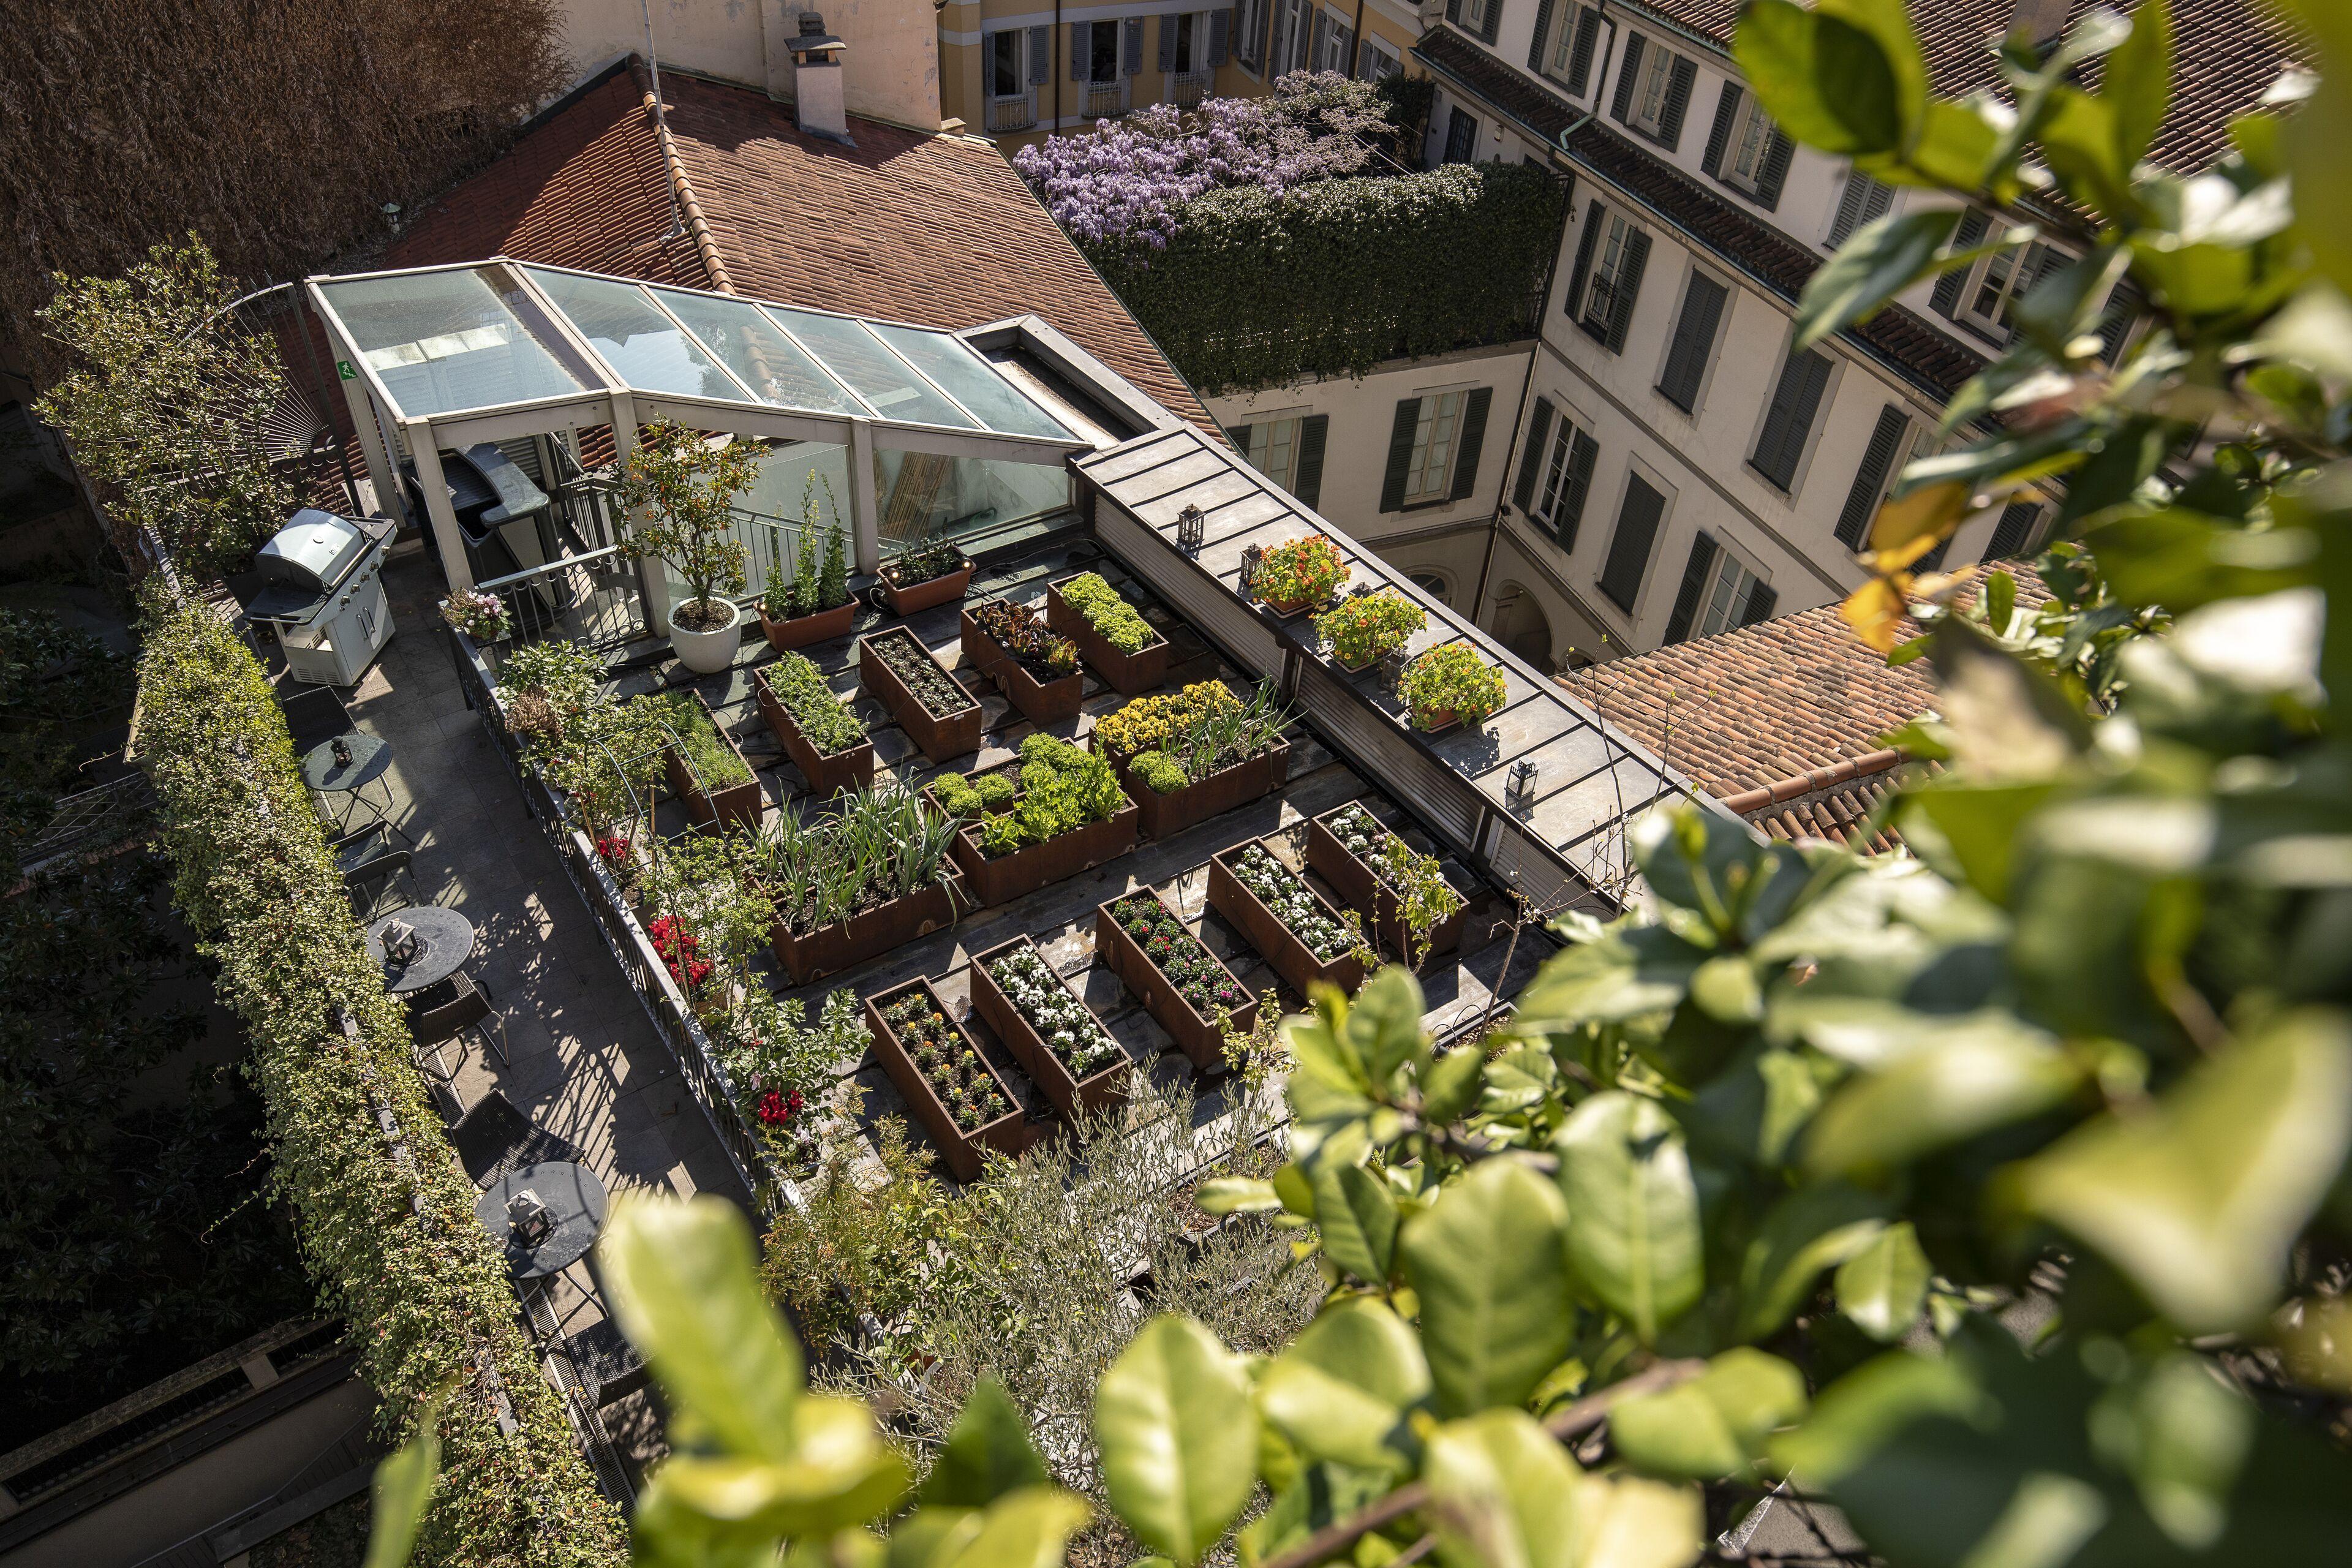 Courtesy of Hotel Milano Scala / Expedia